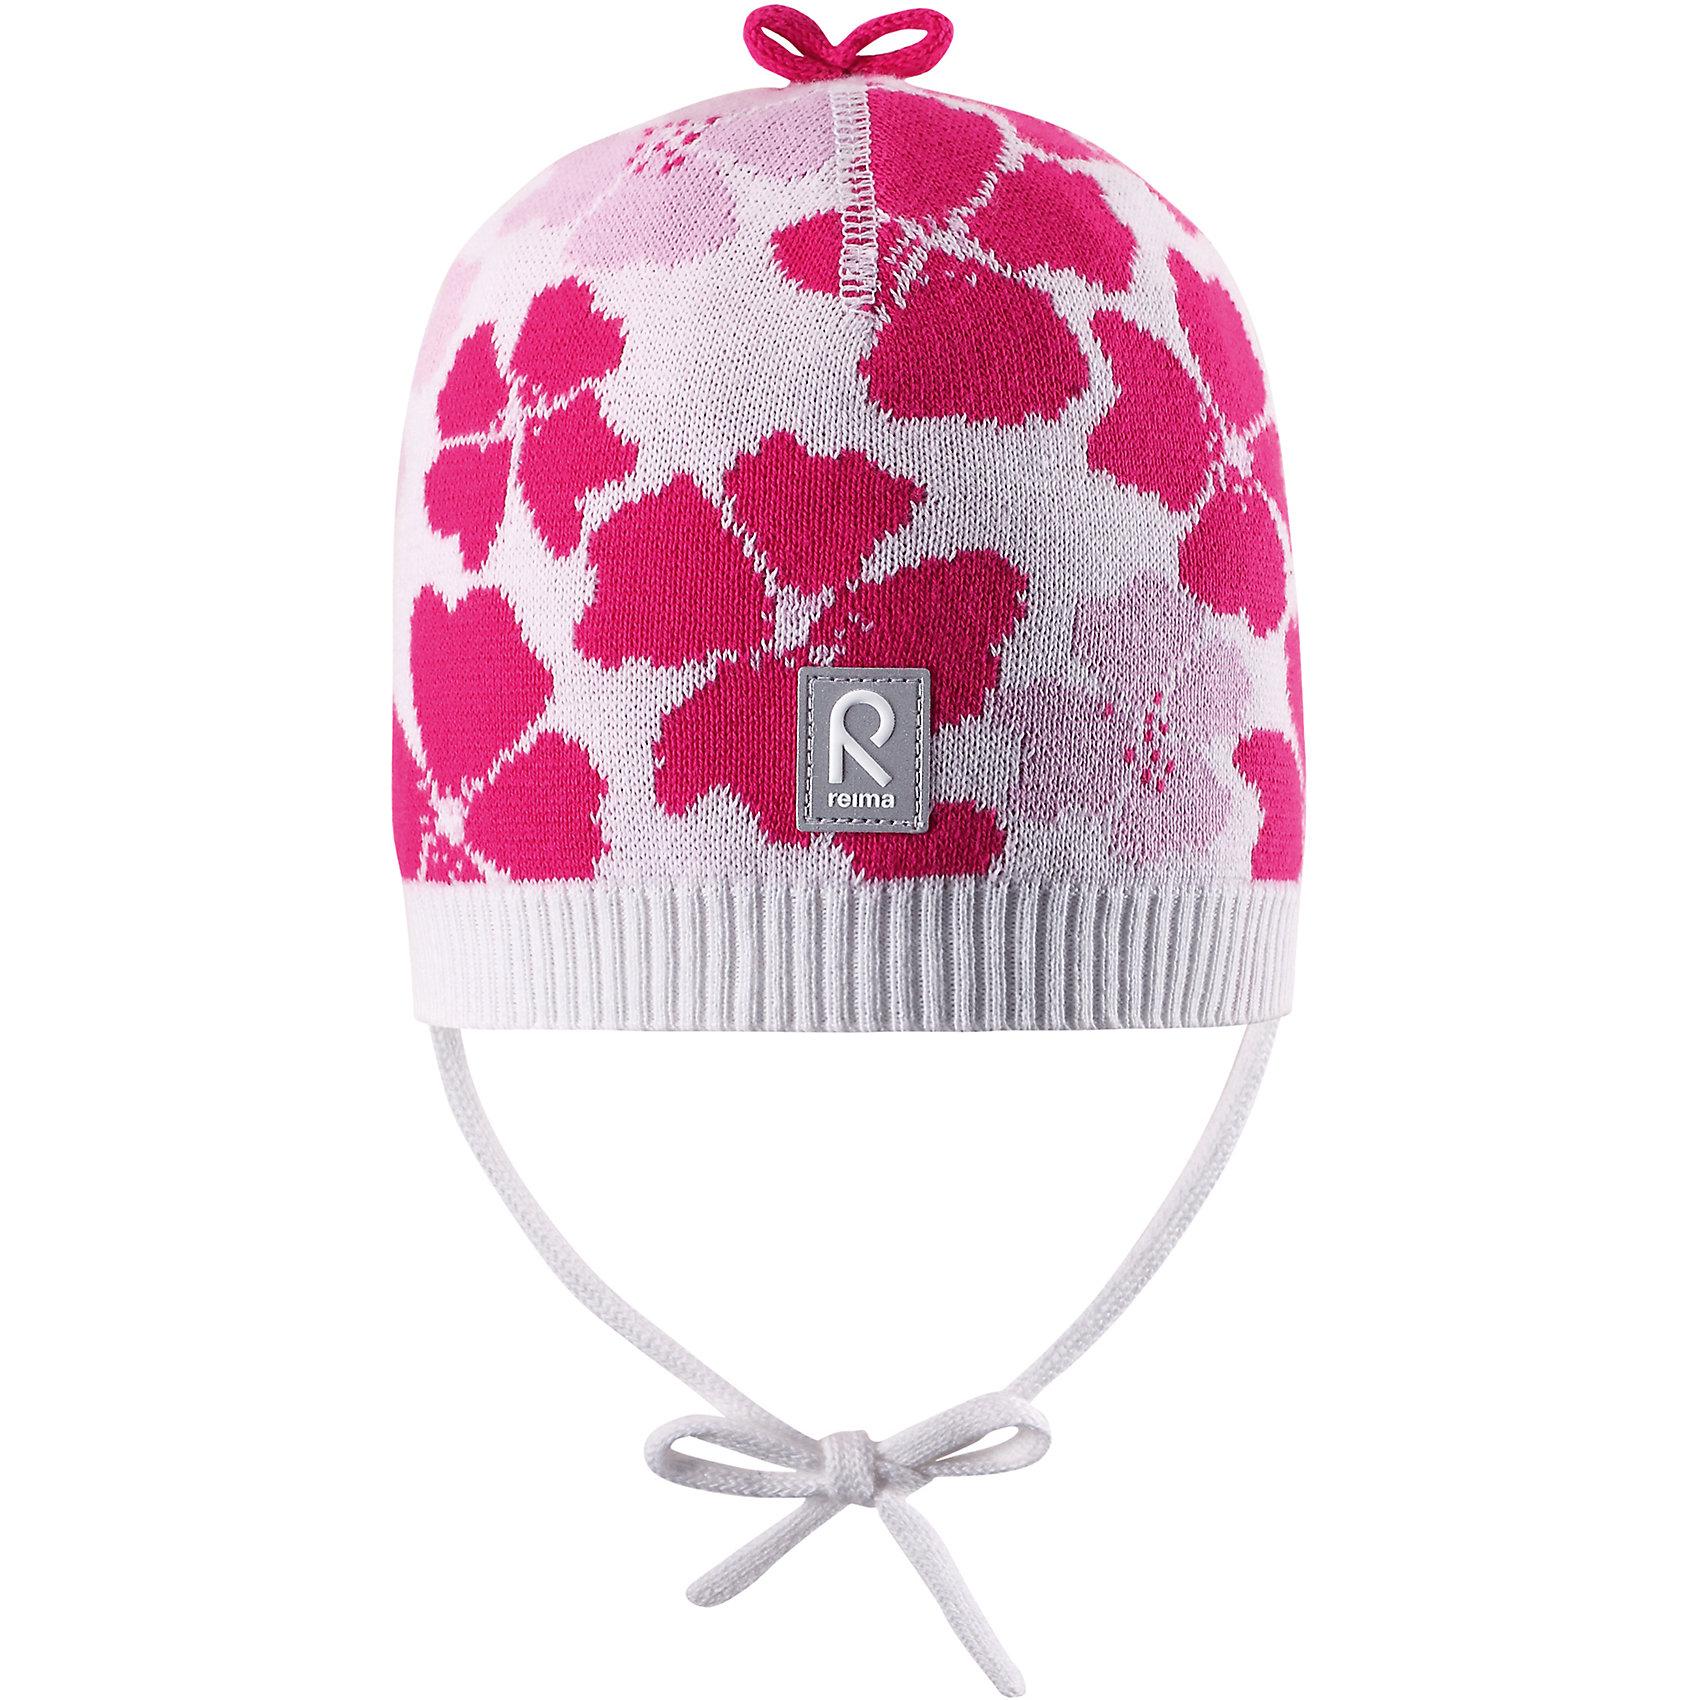 Шапка Brisky для девочки ReimaШапки и шарфы<br>Характеристики товара:<br><br>• цвет: белый<br>• состав: 100% хлопок<br>• облегчённая модель без подкладки<br>• температурный режим: от +10С<br>• эластичный хлопковый трикотаж<br>• изделие сертифицированно по стандарту Oeko-Tex на продукцию класса 1 - одежда для новорождённых<br>• завязки во всех размерах<br>• эмблема Reima сзади<br>• сплошная жаккардовая узорная вязка<br>• декоративная отделка сверху<br>• страна бренда: Финляндия<br>• страна производства: Китай<br><br>Детский головной убор может быть модным и удобным одновременно! Стильная шапка поможет обеспечить ребенку комфорт и дополнить наряд.Шапка удобно сидит и аккуратно выглядит. Проста в уходе, долго служит. Стильный дизайн разрабатывался специально для детей. Отличная защита от дождя и ветра!<br><br>Уход:<br><br>• стирать по отдельности, вывернув наизнанку<br>• придать первоначальную форму вo влажном виде<br>• возможна усадка 5 %.<br><br>Шапку для девочки от финского бренда Reima (Рейма) можно купить в нашем интернет-магазине.<br><br>Ширина мм: 89<br>Глубина мм: 117<br>Высота мм: 44<br>Вес г: 155<br>Цвет: белый<br>Возраст от месяцев: 6<br>Возраст до месяцев: 9<br>Пол: Женский<br>Возраст: Детский<br>Размер: 46,52,50,48<br>SKU: 5270961